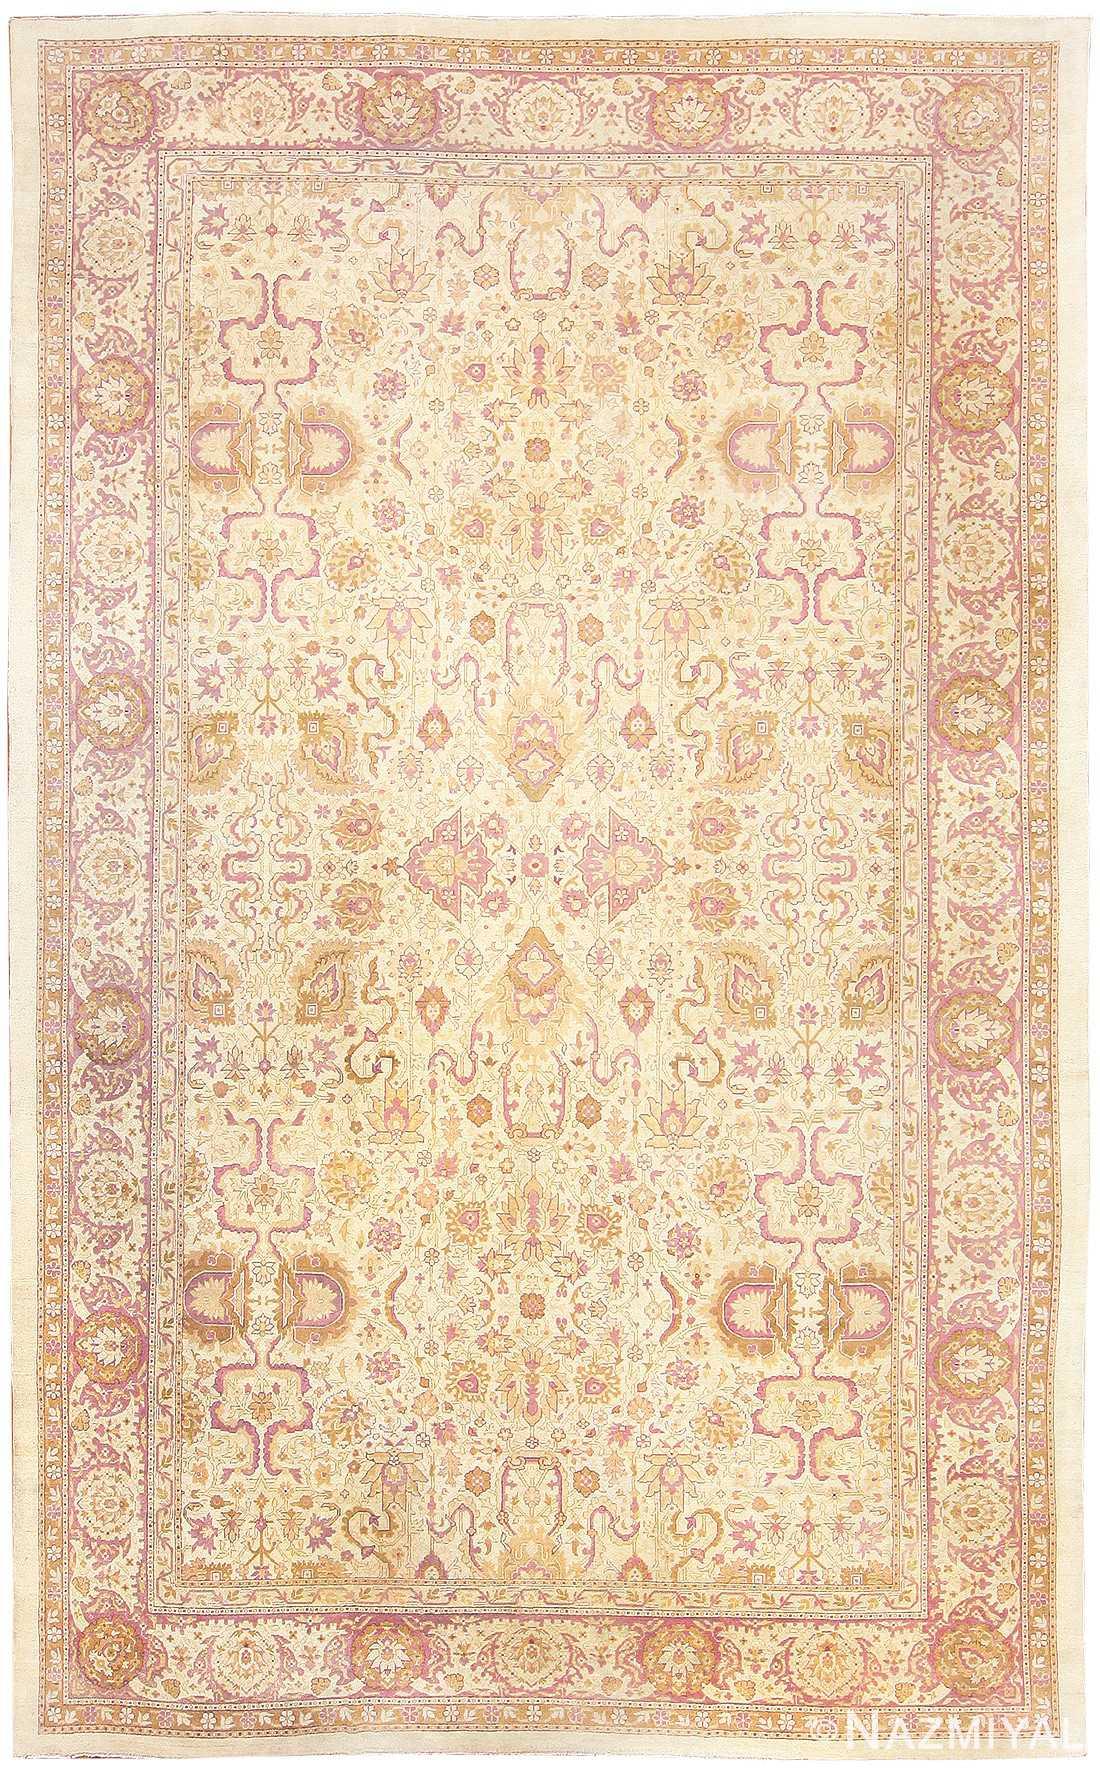 Antique Indian Amritsar Carpet 48002 Nazmiyal